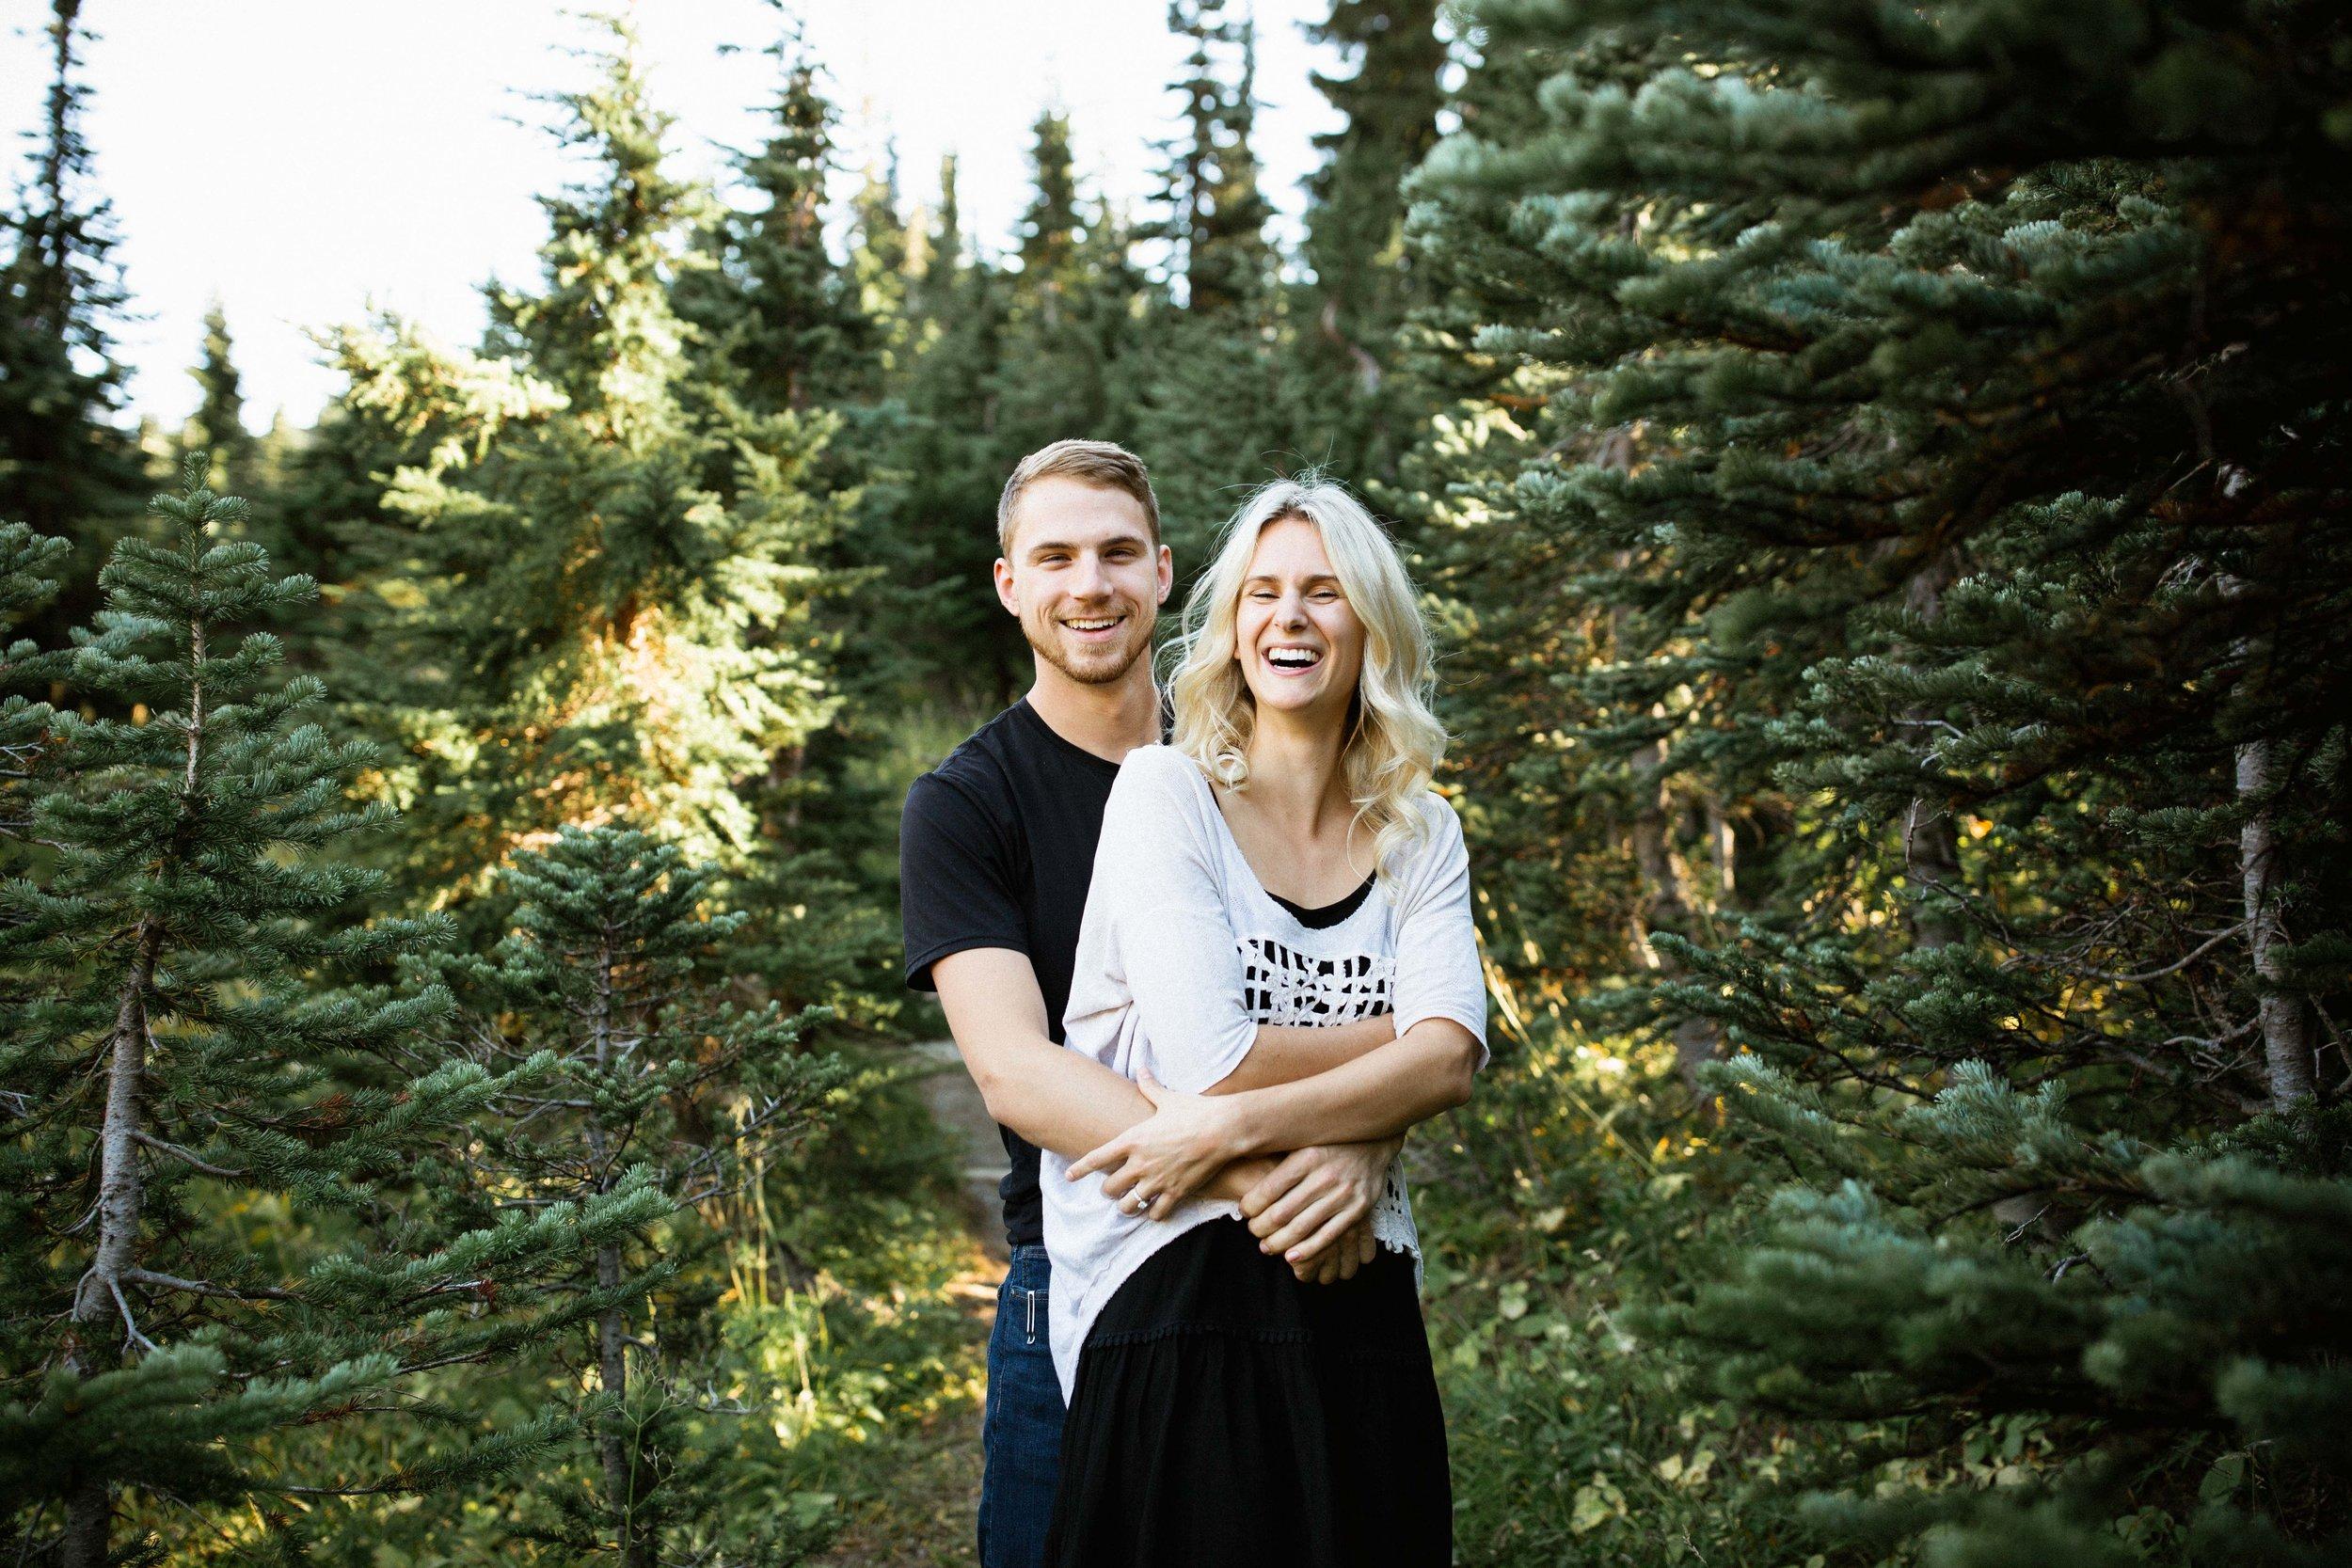 Alexis&Kyle-Engaged!BLOG-14.jpg